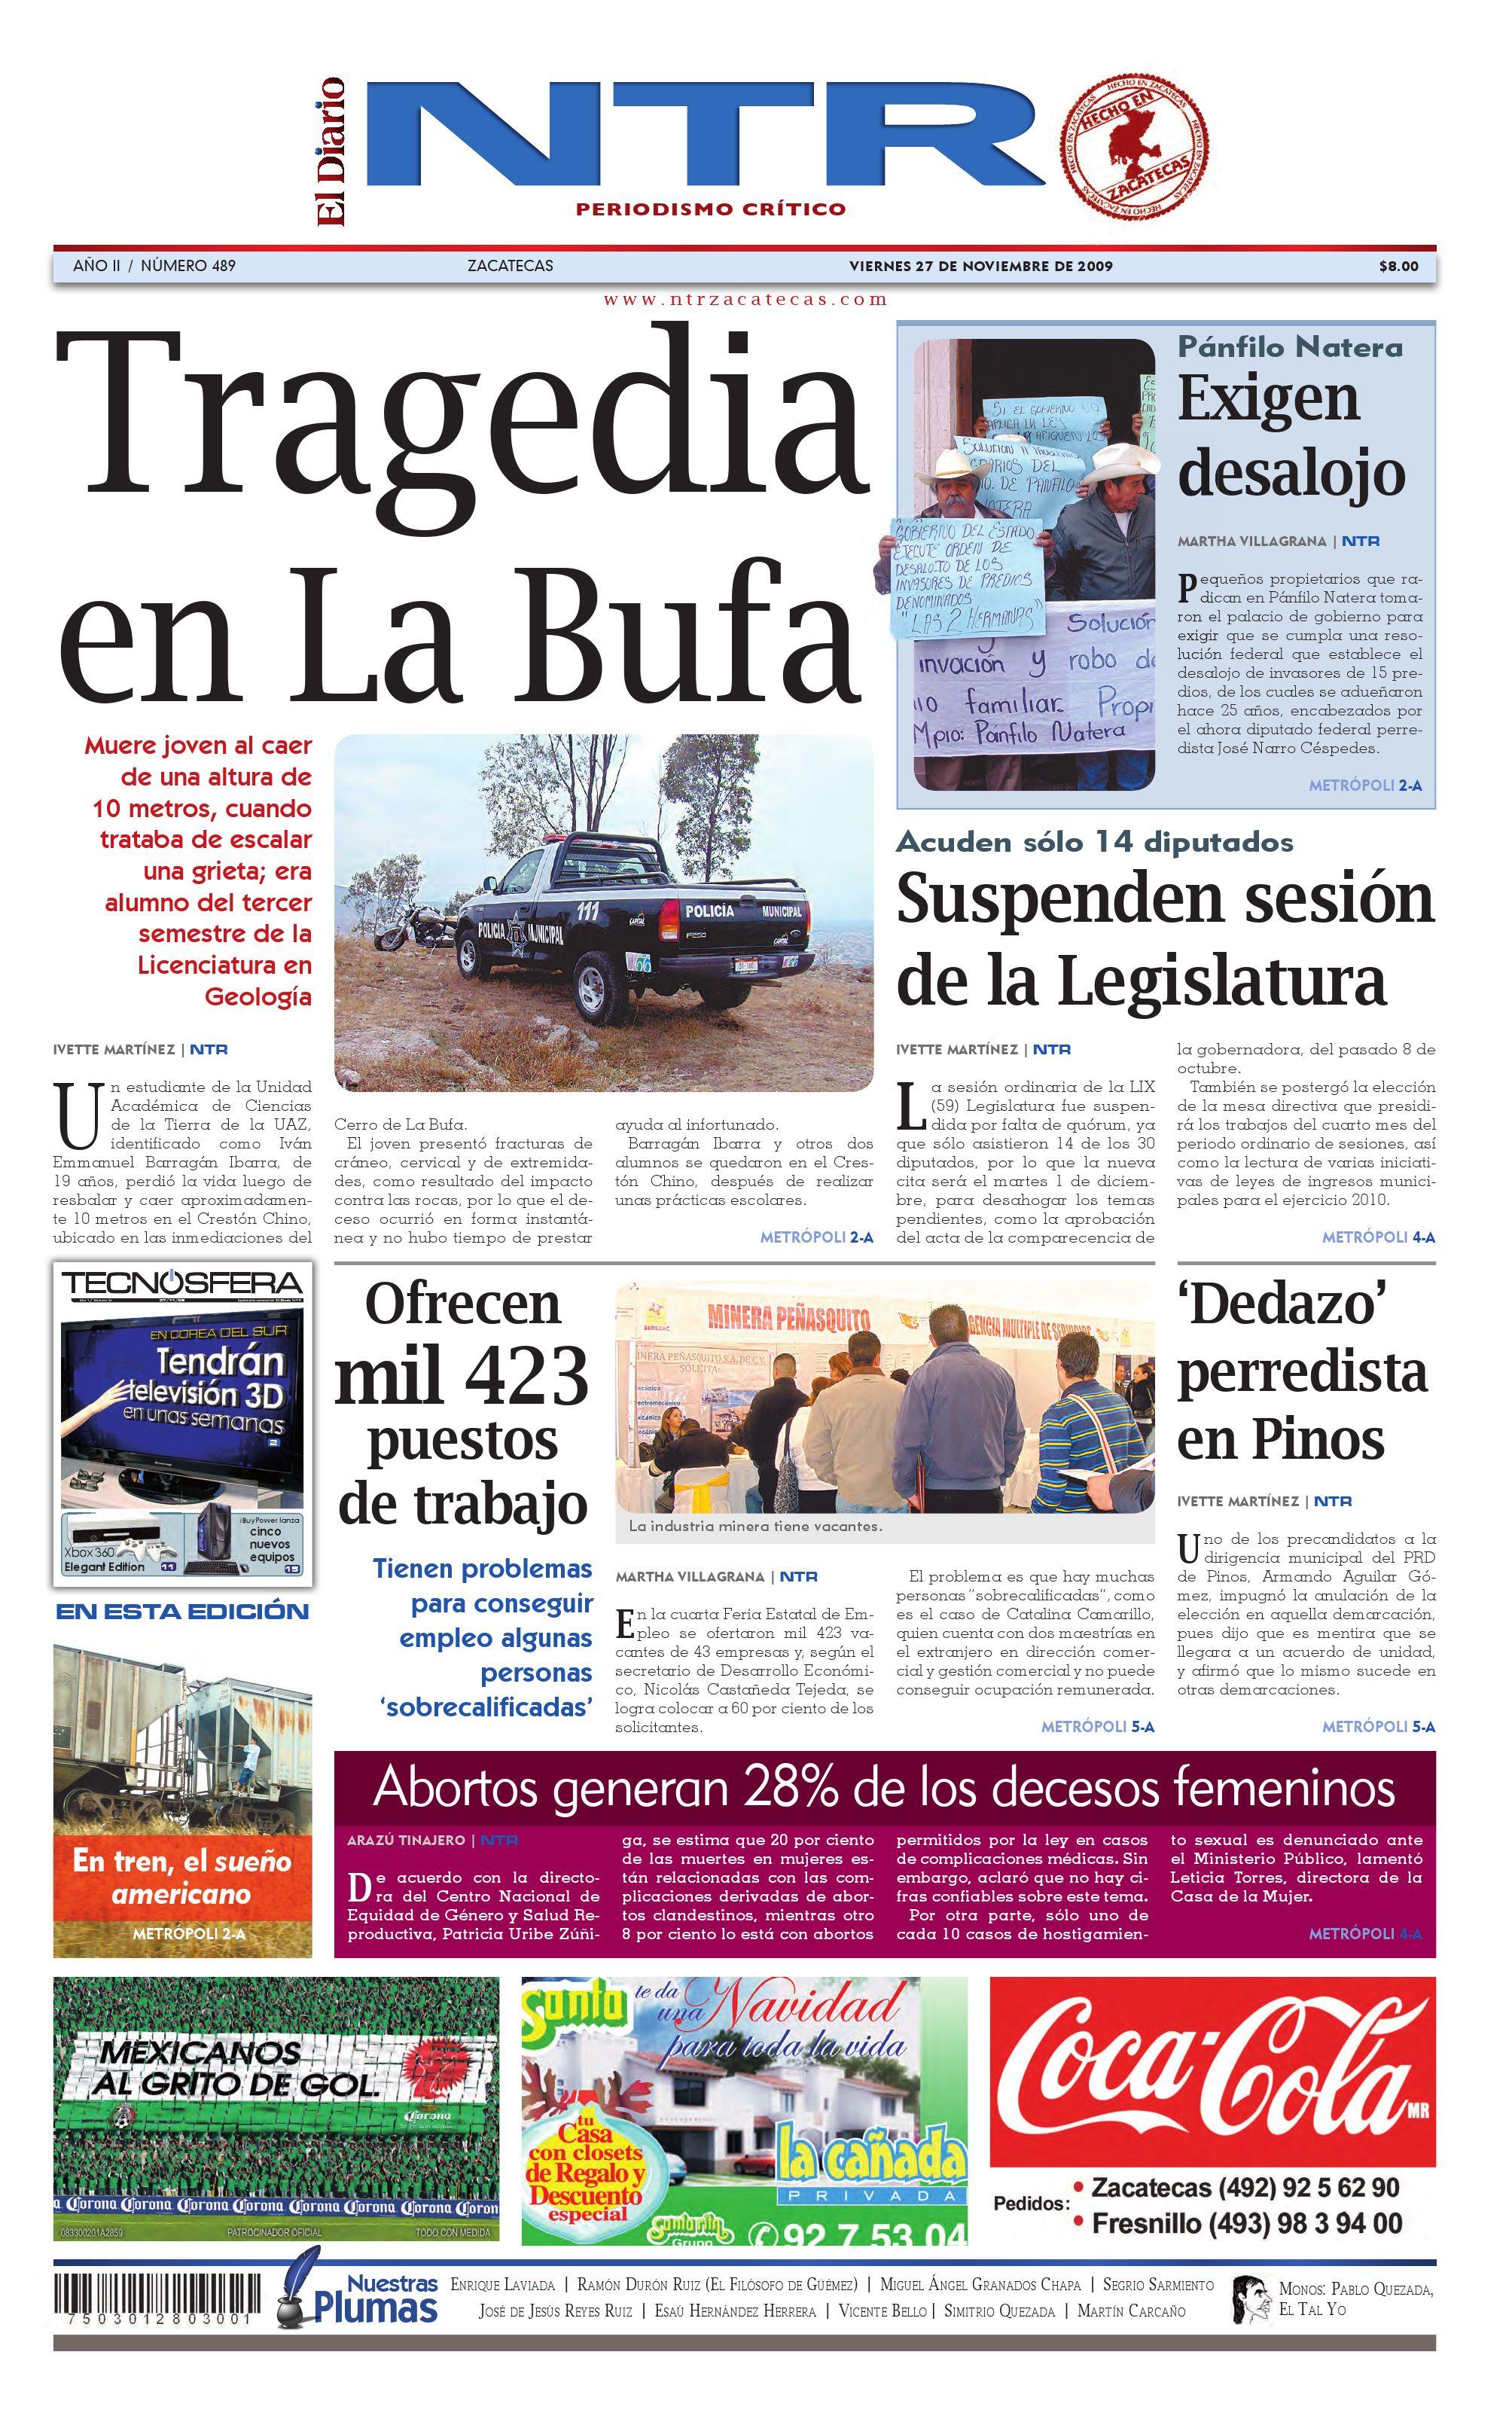 4adf7f010877 El Diario NTR by NTR Medios de Comunicación - issuu